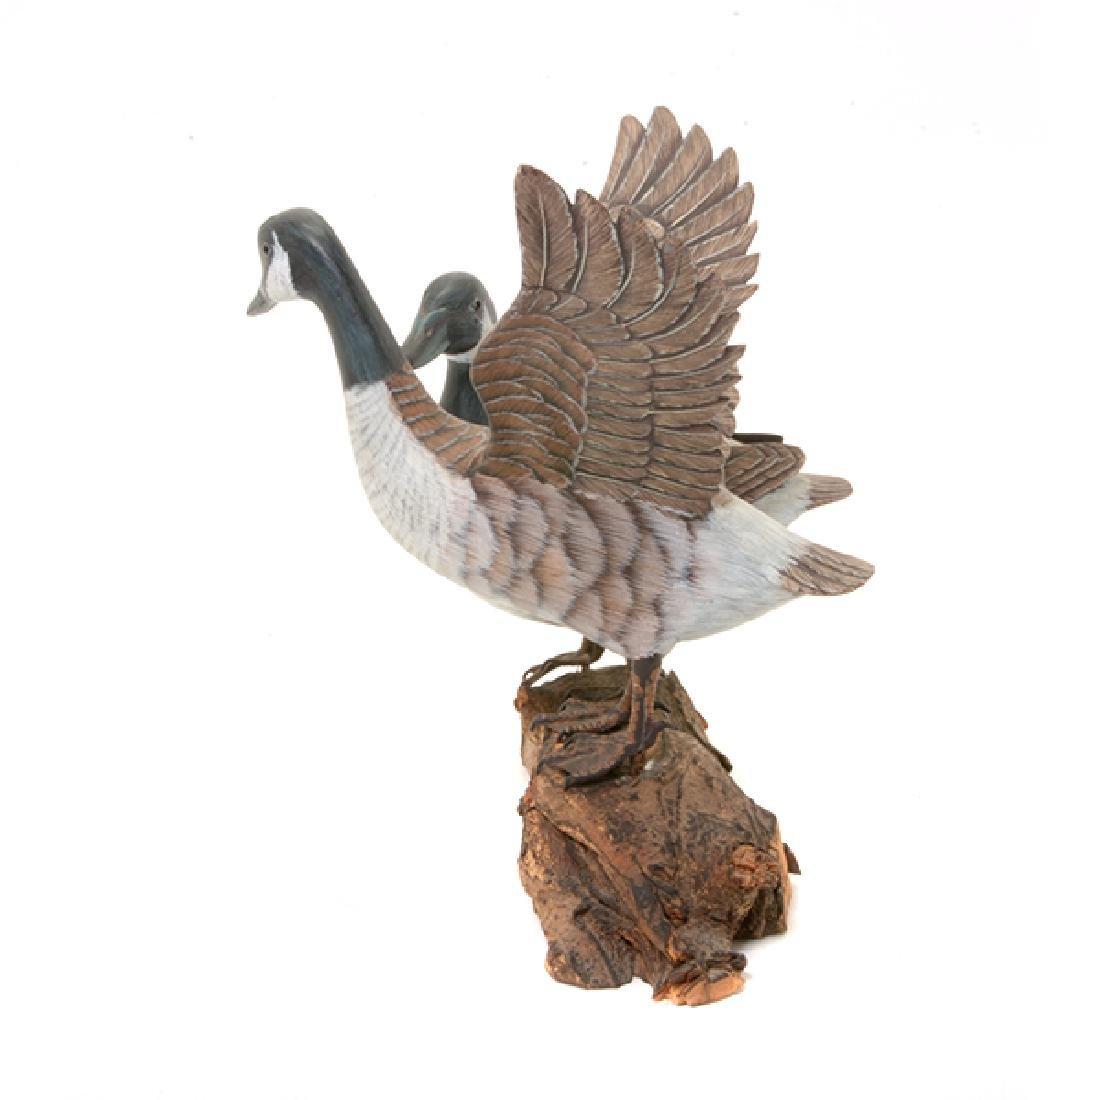 Five Duck Decoys - 5